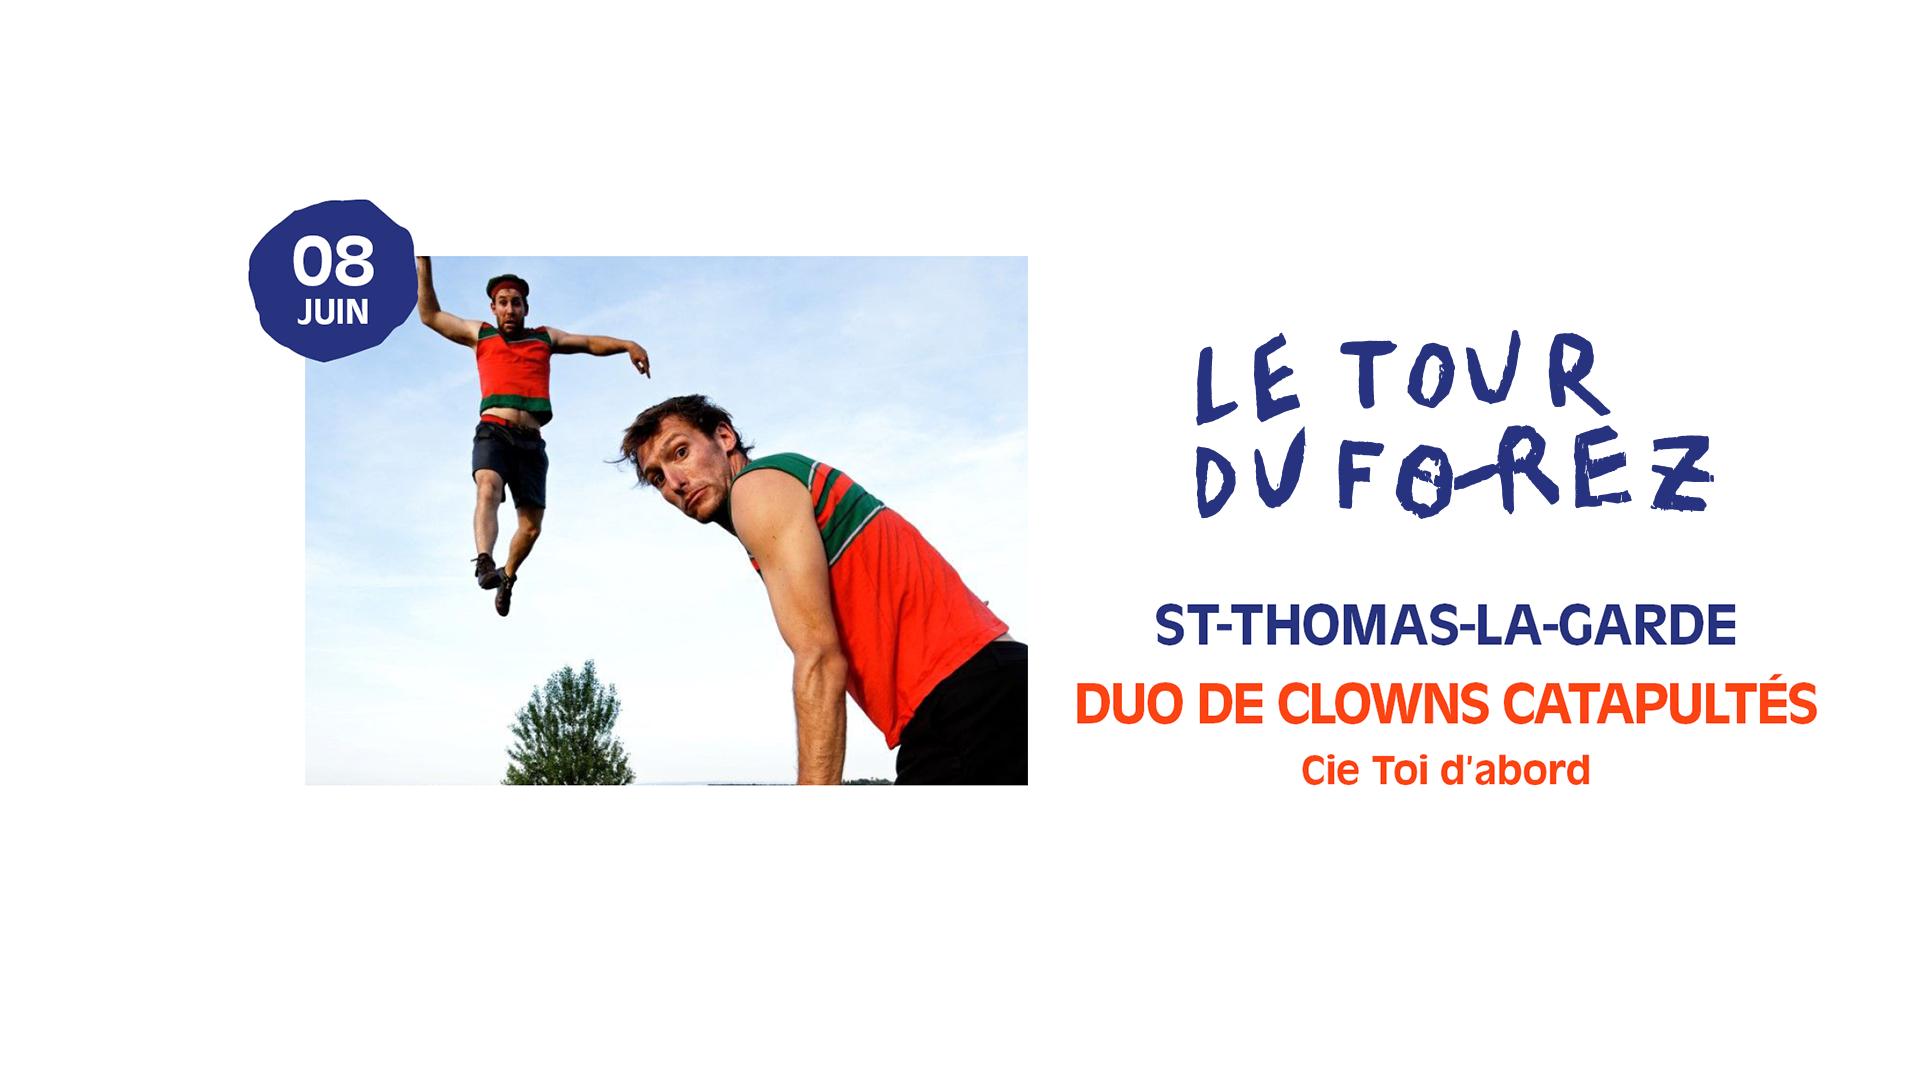 Duo de clowns catapultés